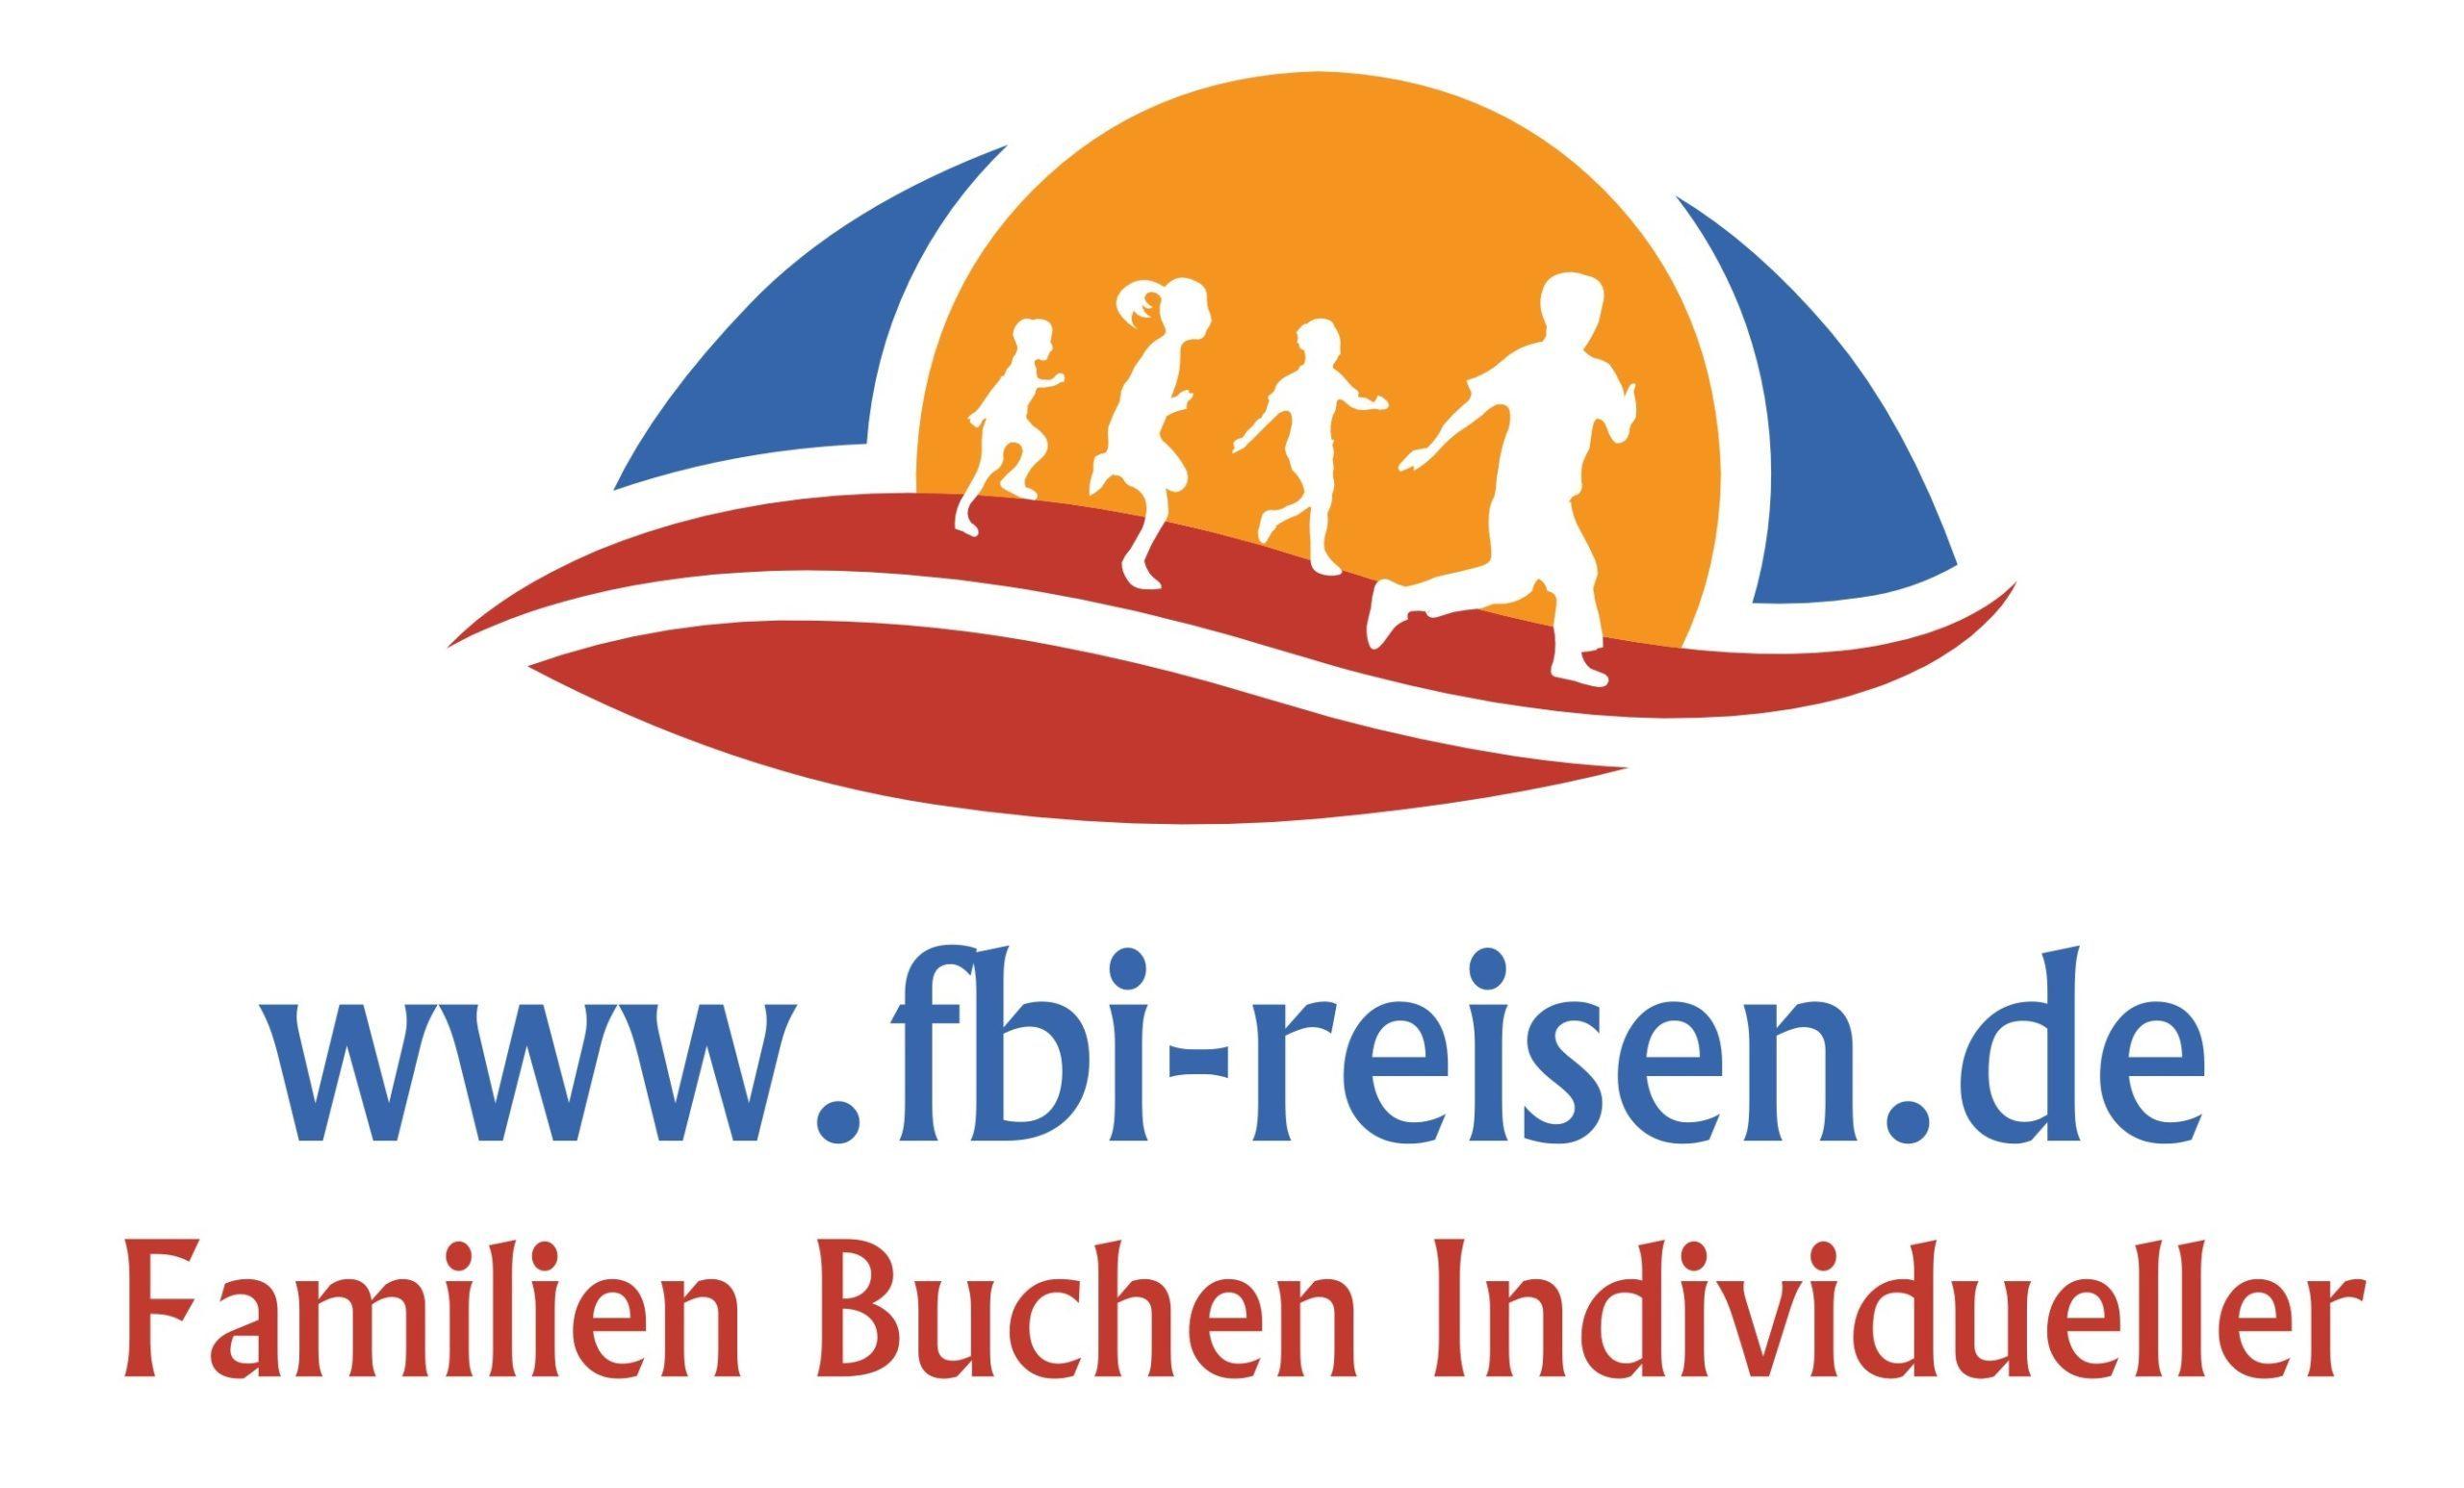 www.fbi-reisen.de